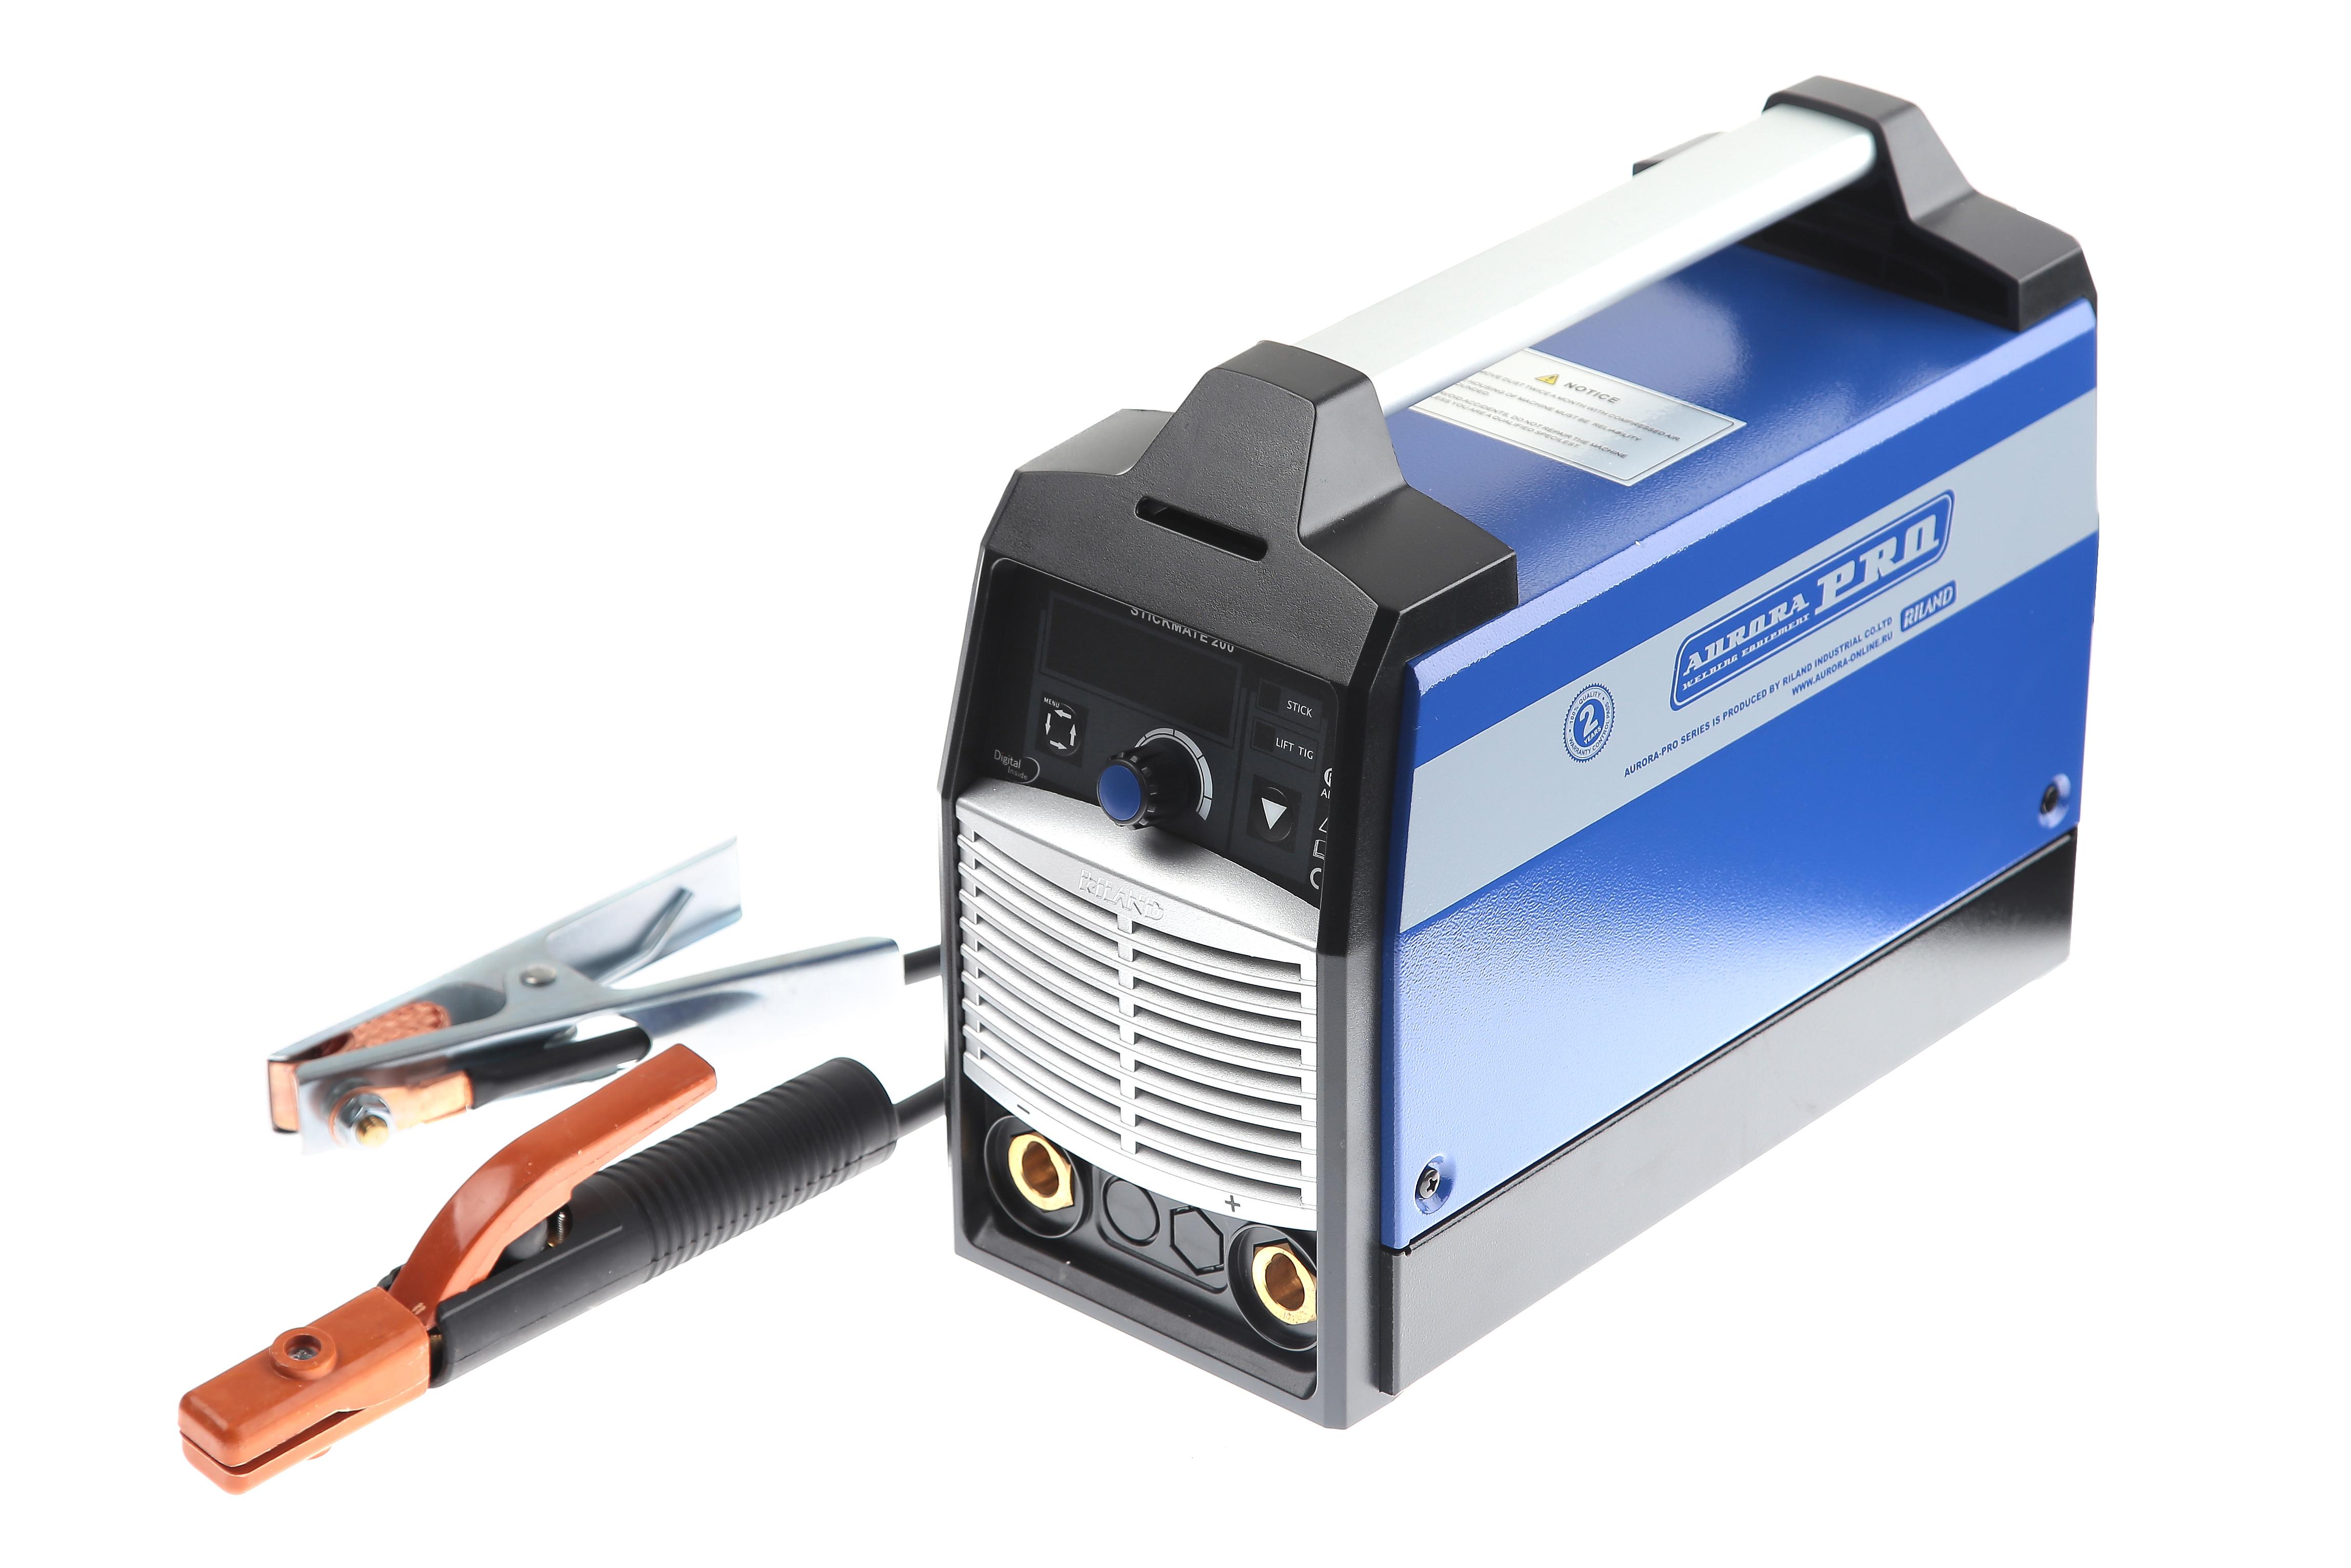 Сварочный инвертор Aurora pro Stickmate 200 сварочный инвертор aurora pro stickmate 160 igbt 10027